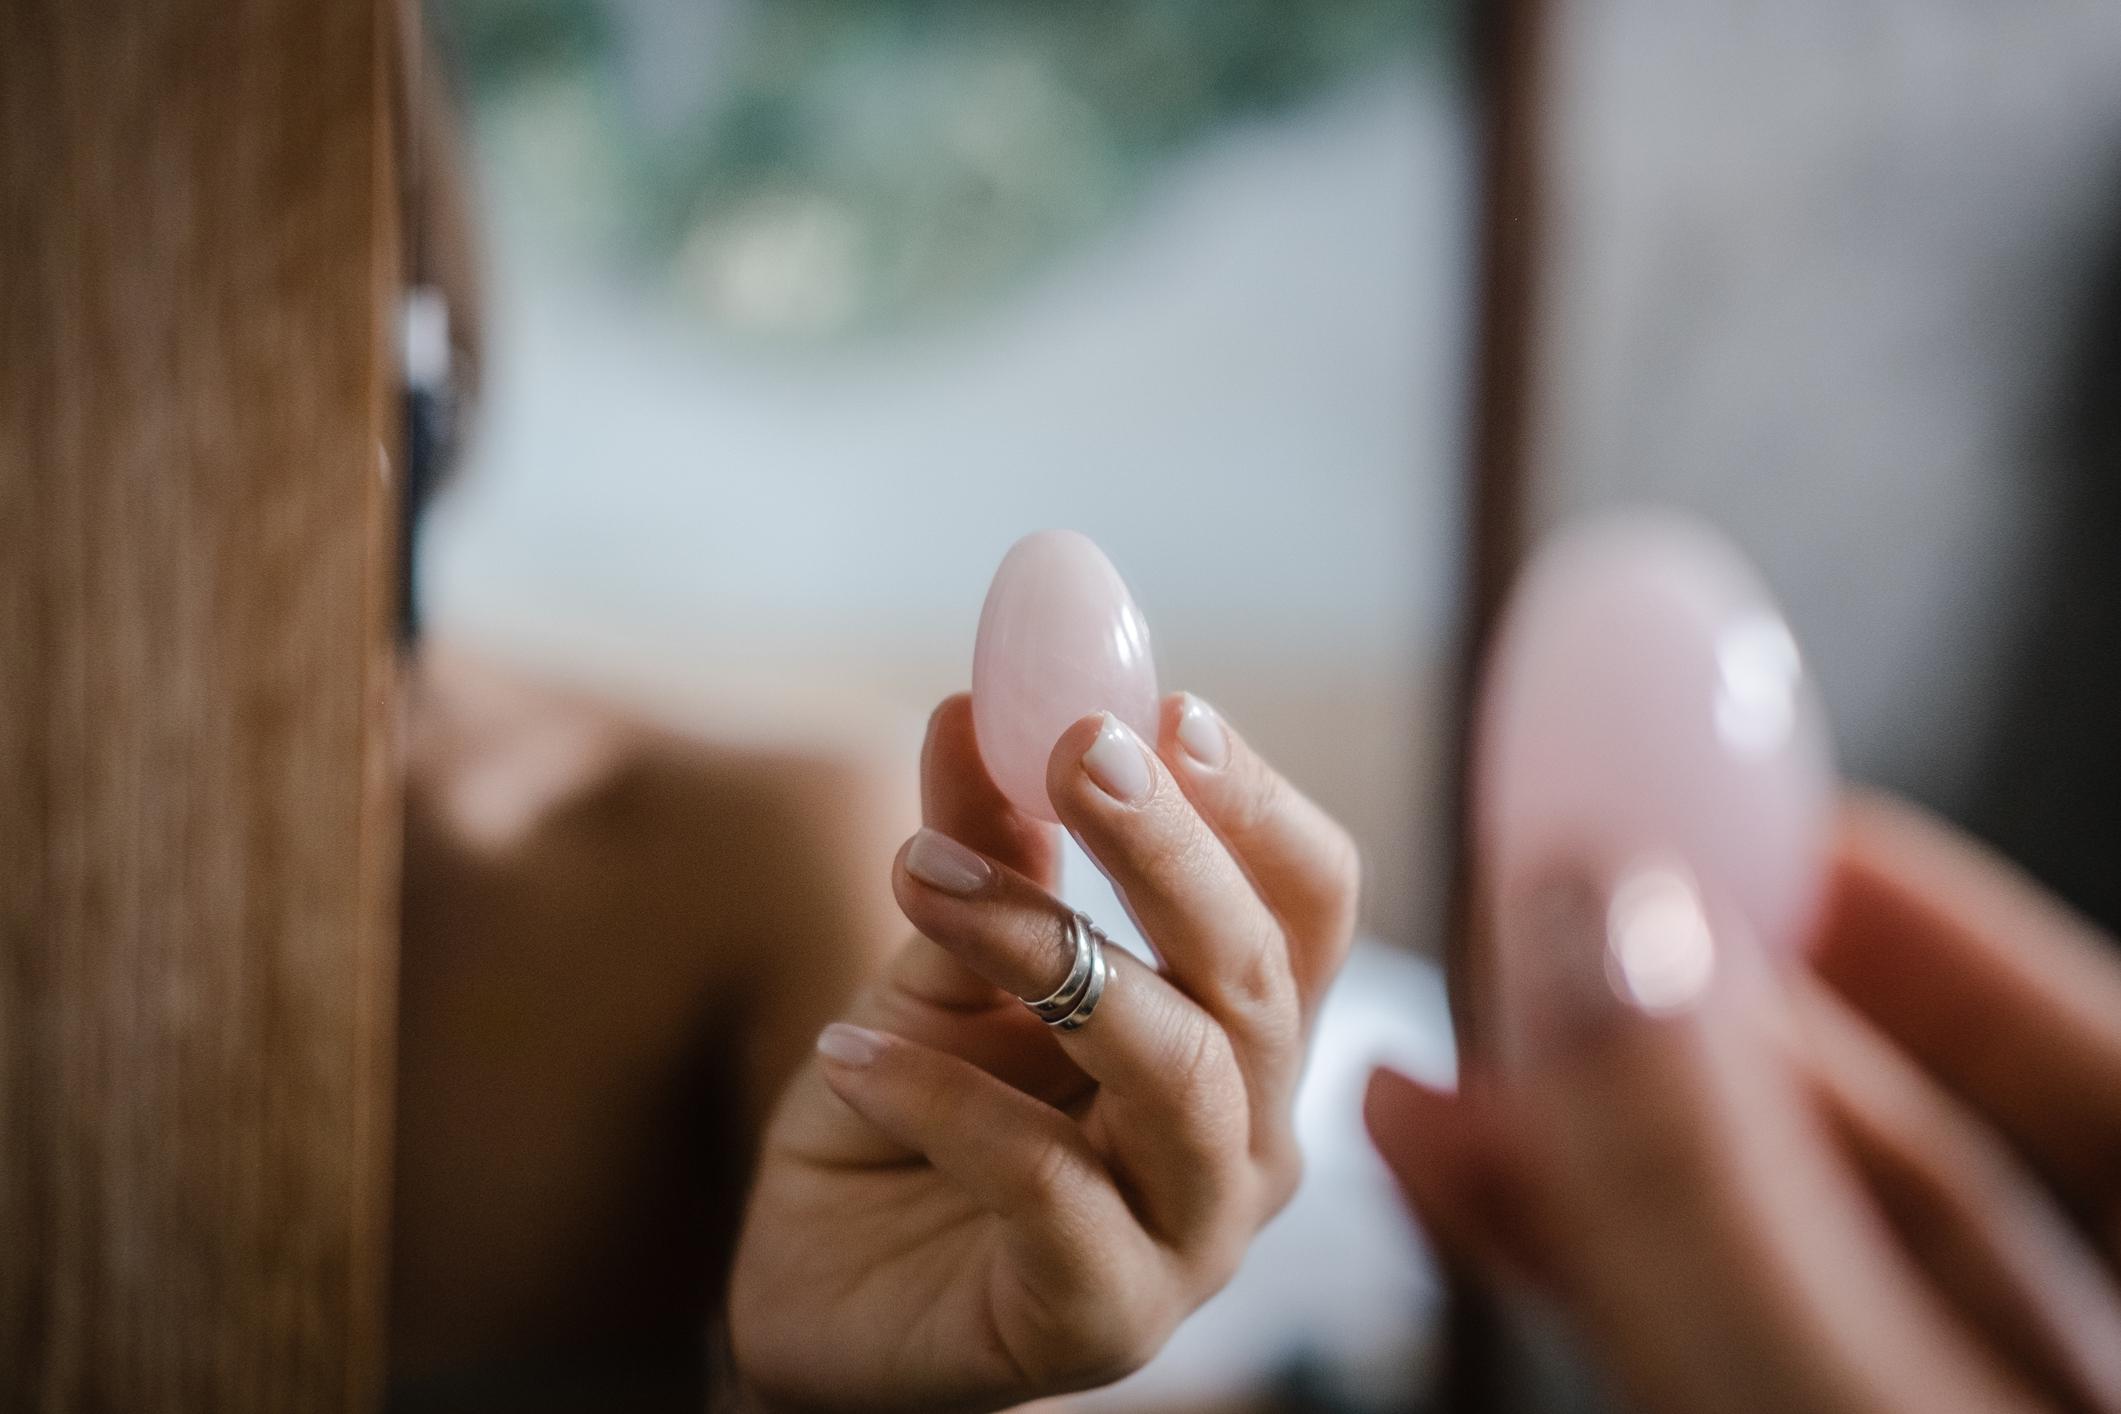 Yoni jaja koriste se za vježbanje vaginalnih mišića, pomažu u postizanju orgazma te smanjuju  menstrualne grčeve.